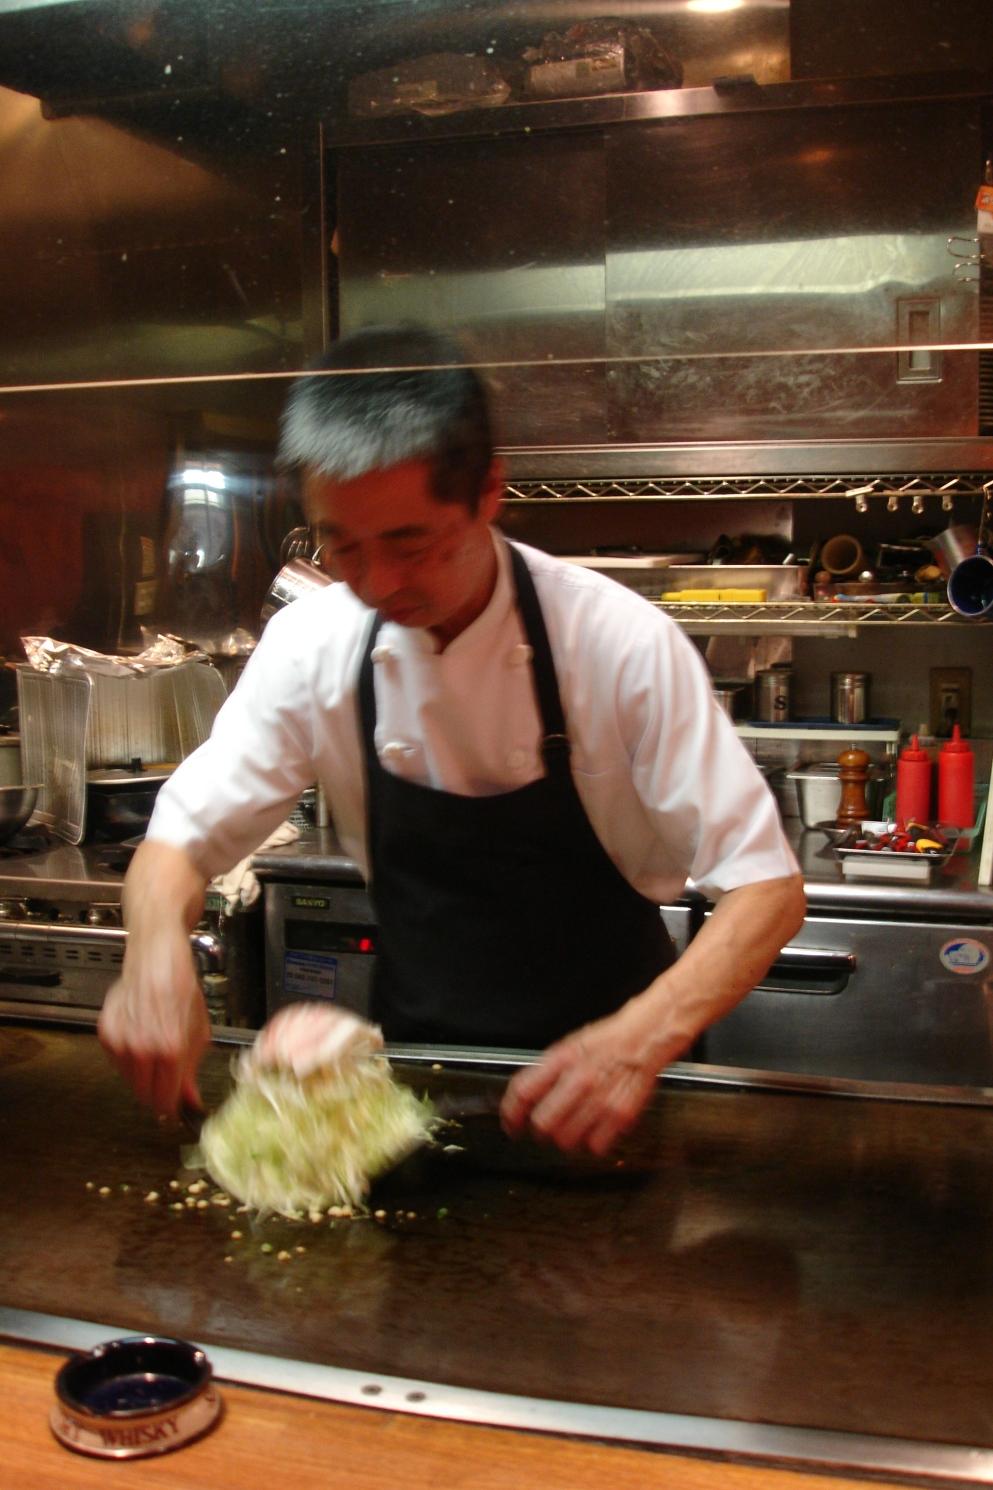 okonomiyaki is made with shredded cabbage